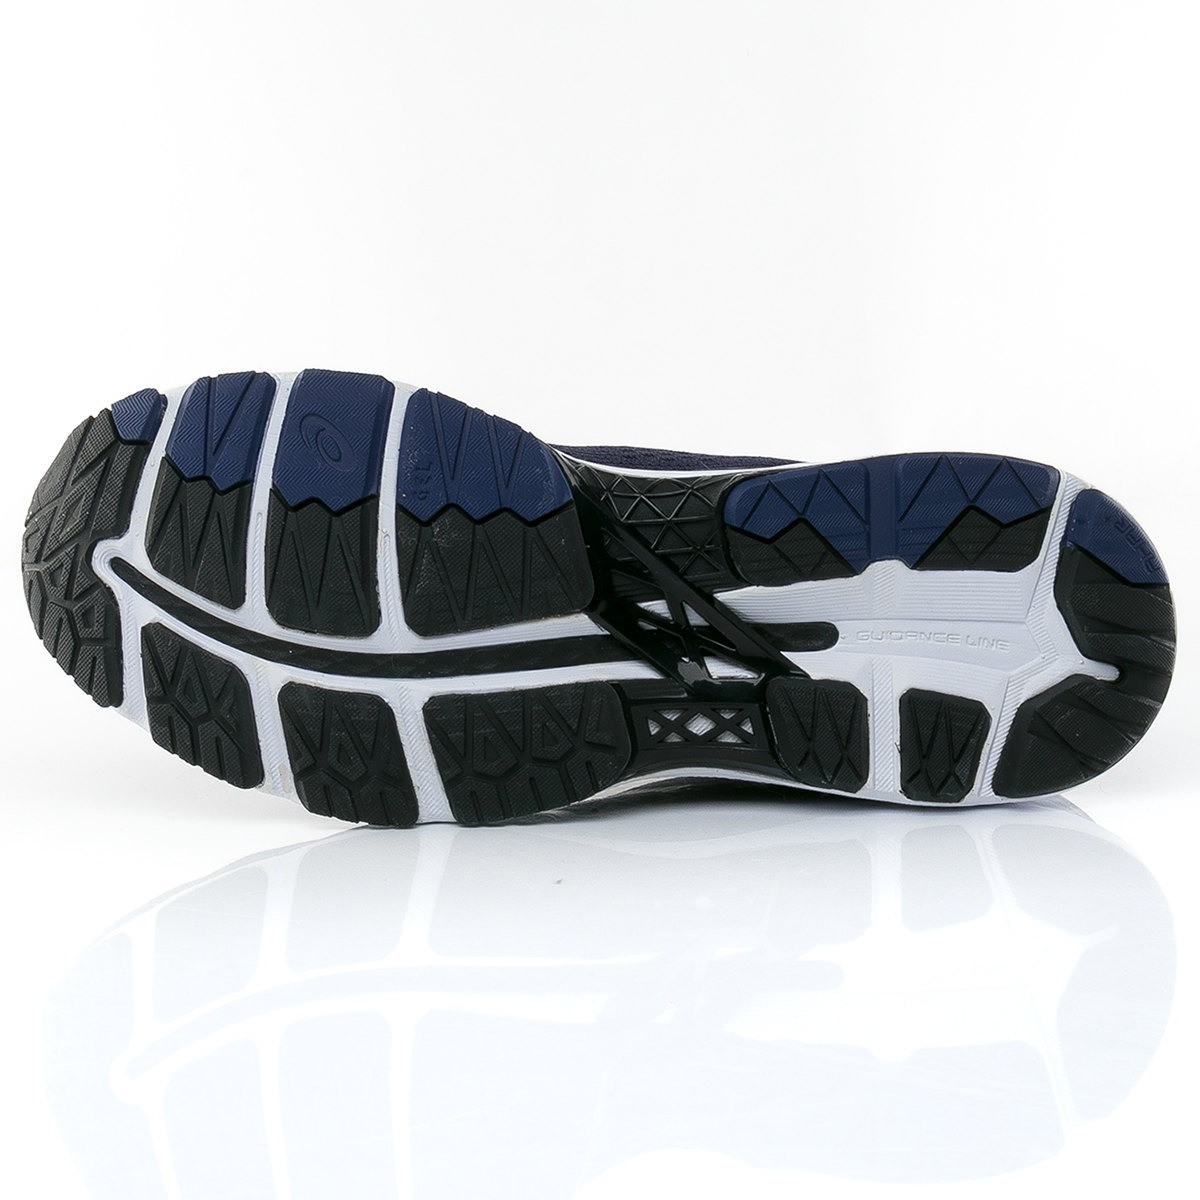 Zapatillas Asics Gel Kayano 24 Running M Azul Envio Gratis -   4.599 ... 3e73fb1ab3b17